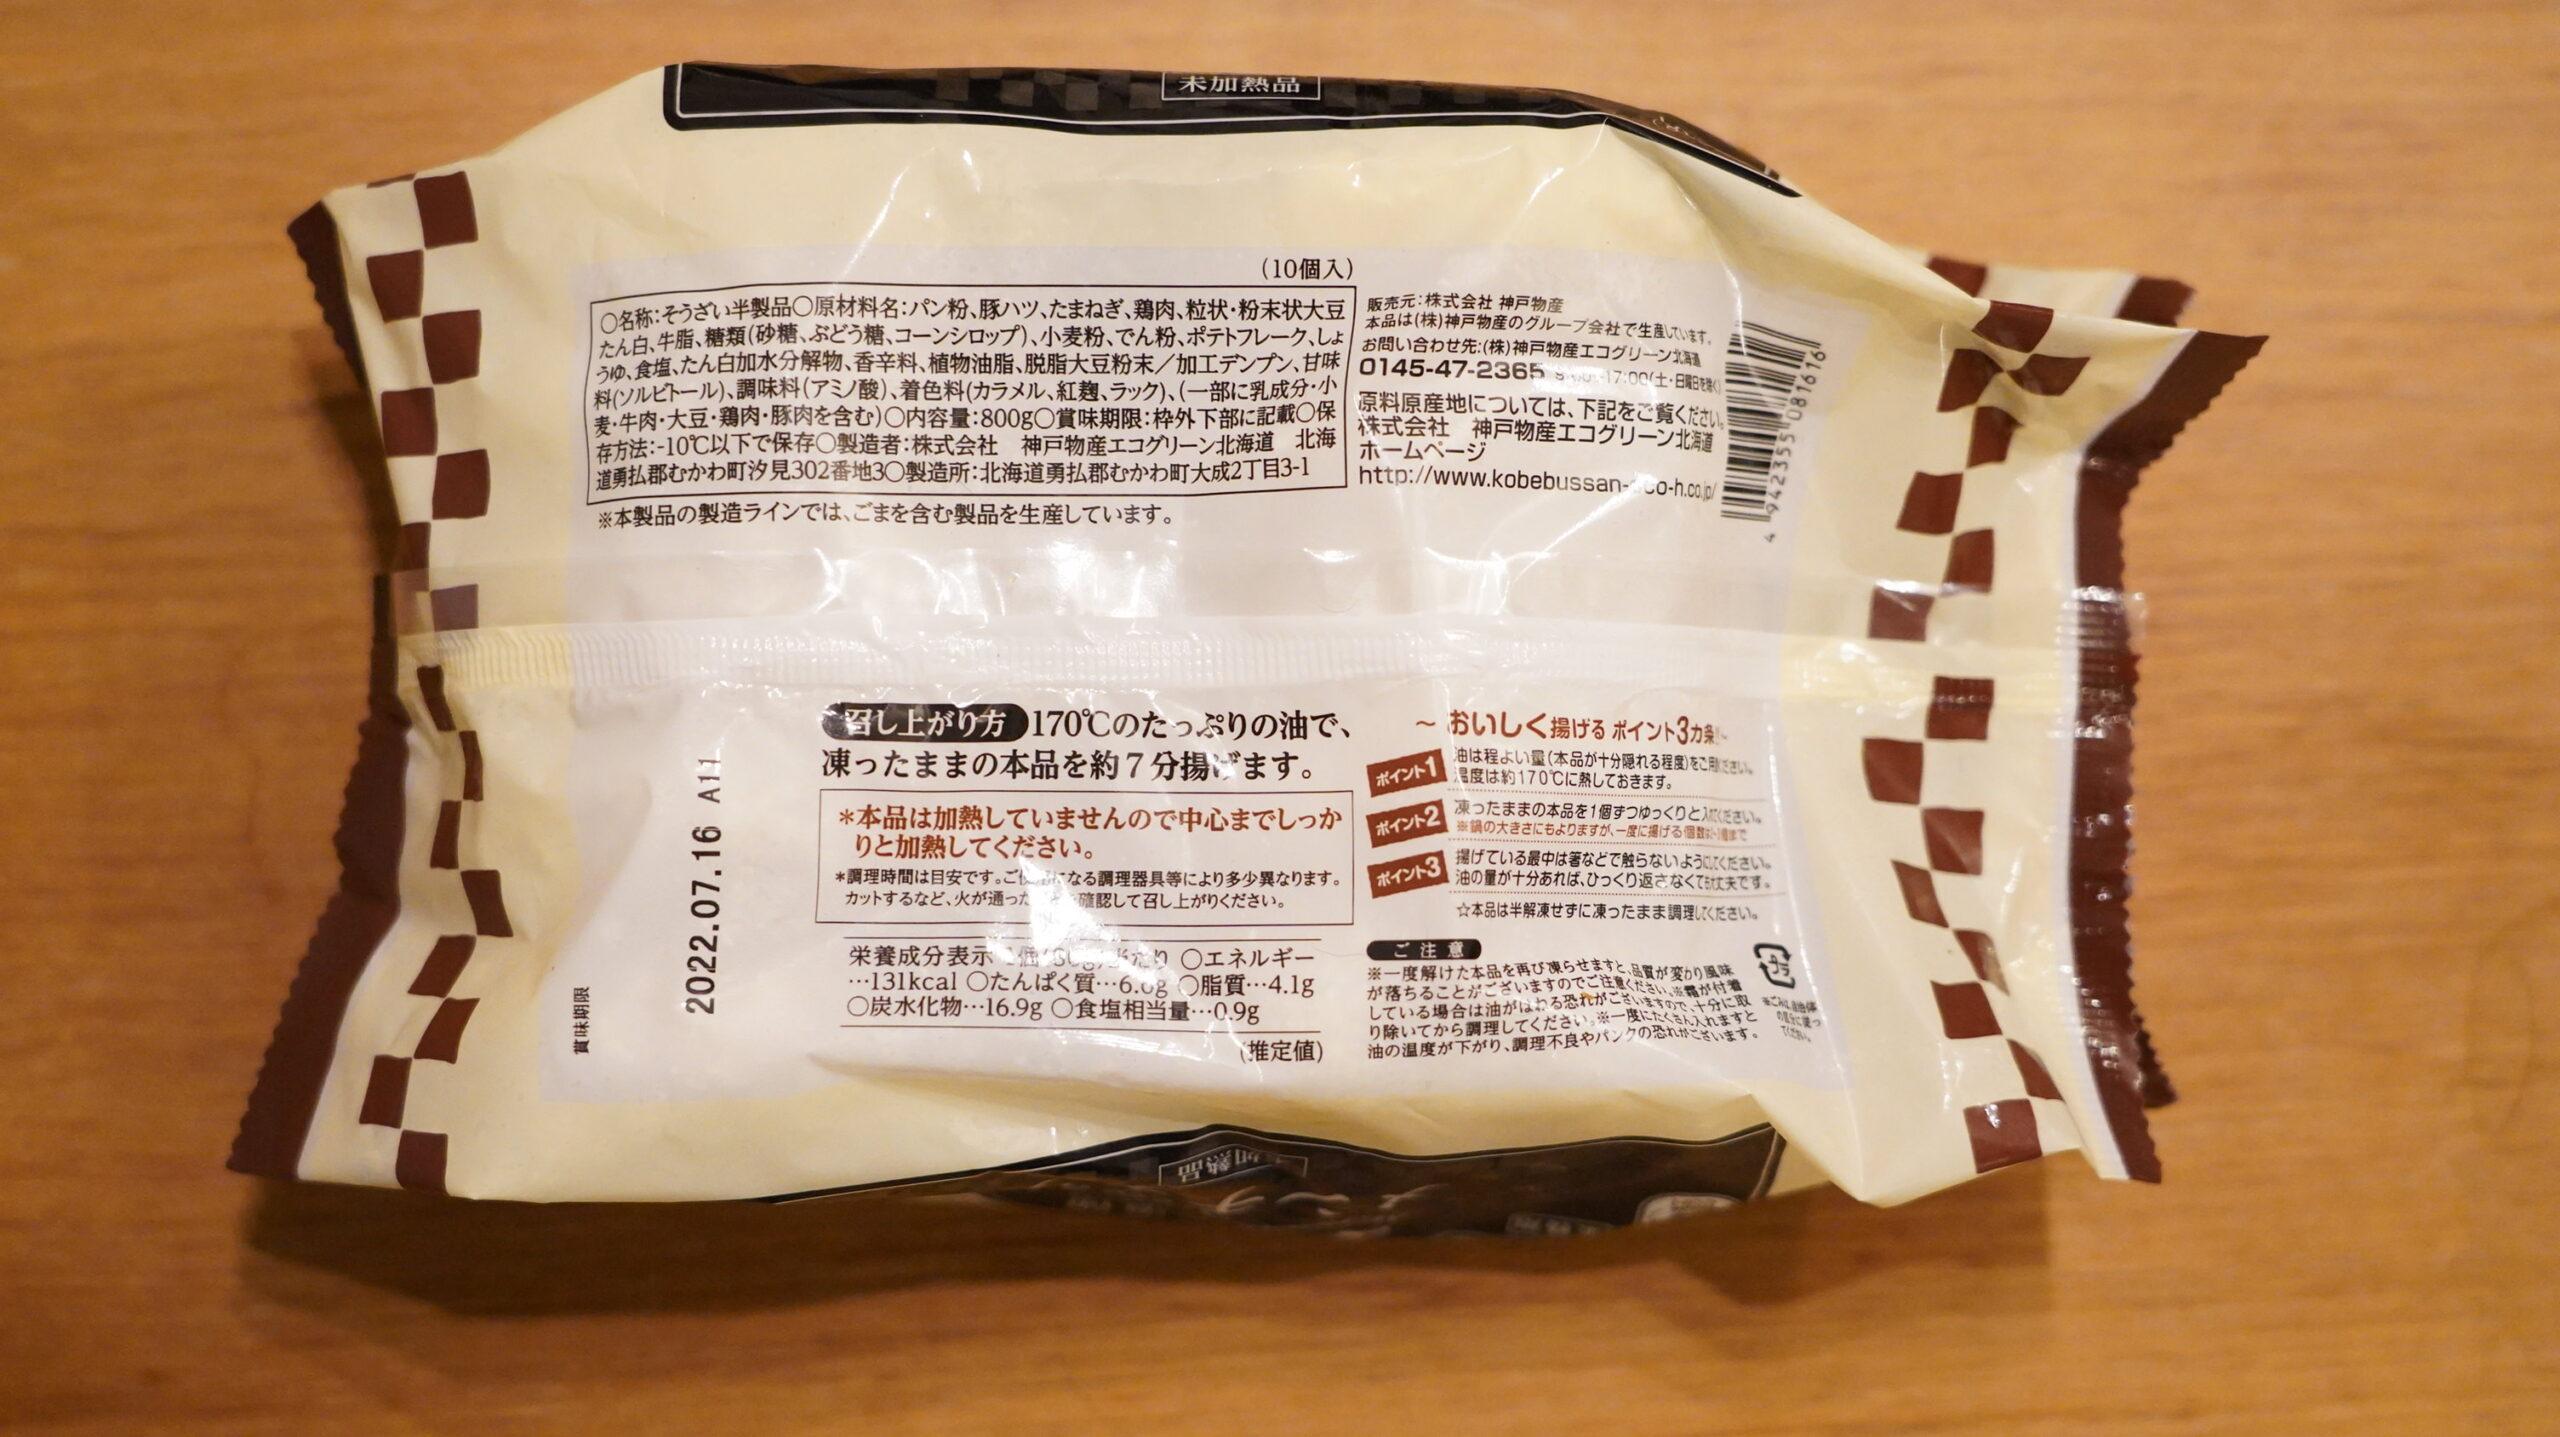 業務スーパーの冷凍食品「北海道便メンチカツ」のパッケージ裏面の写真